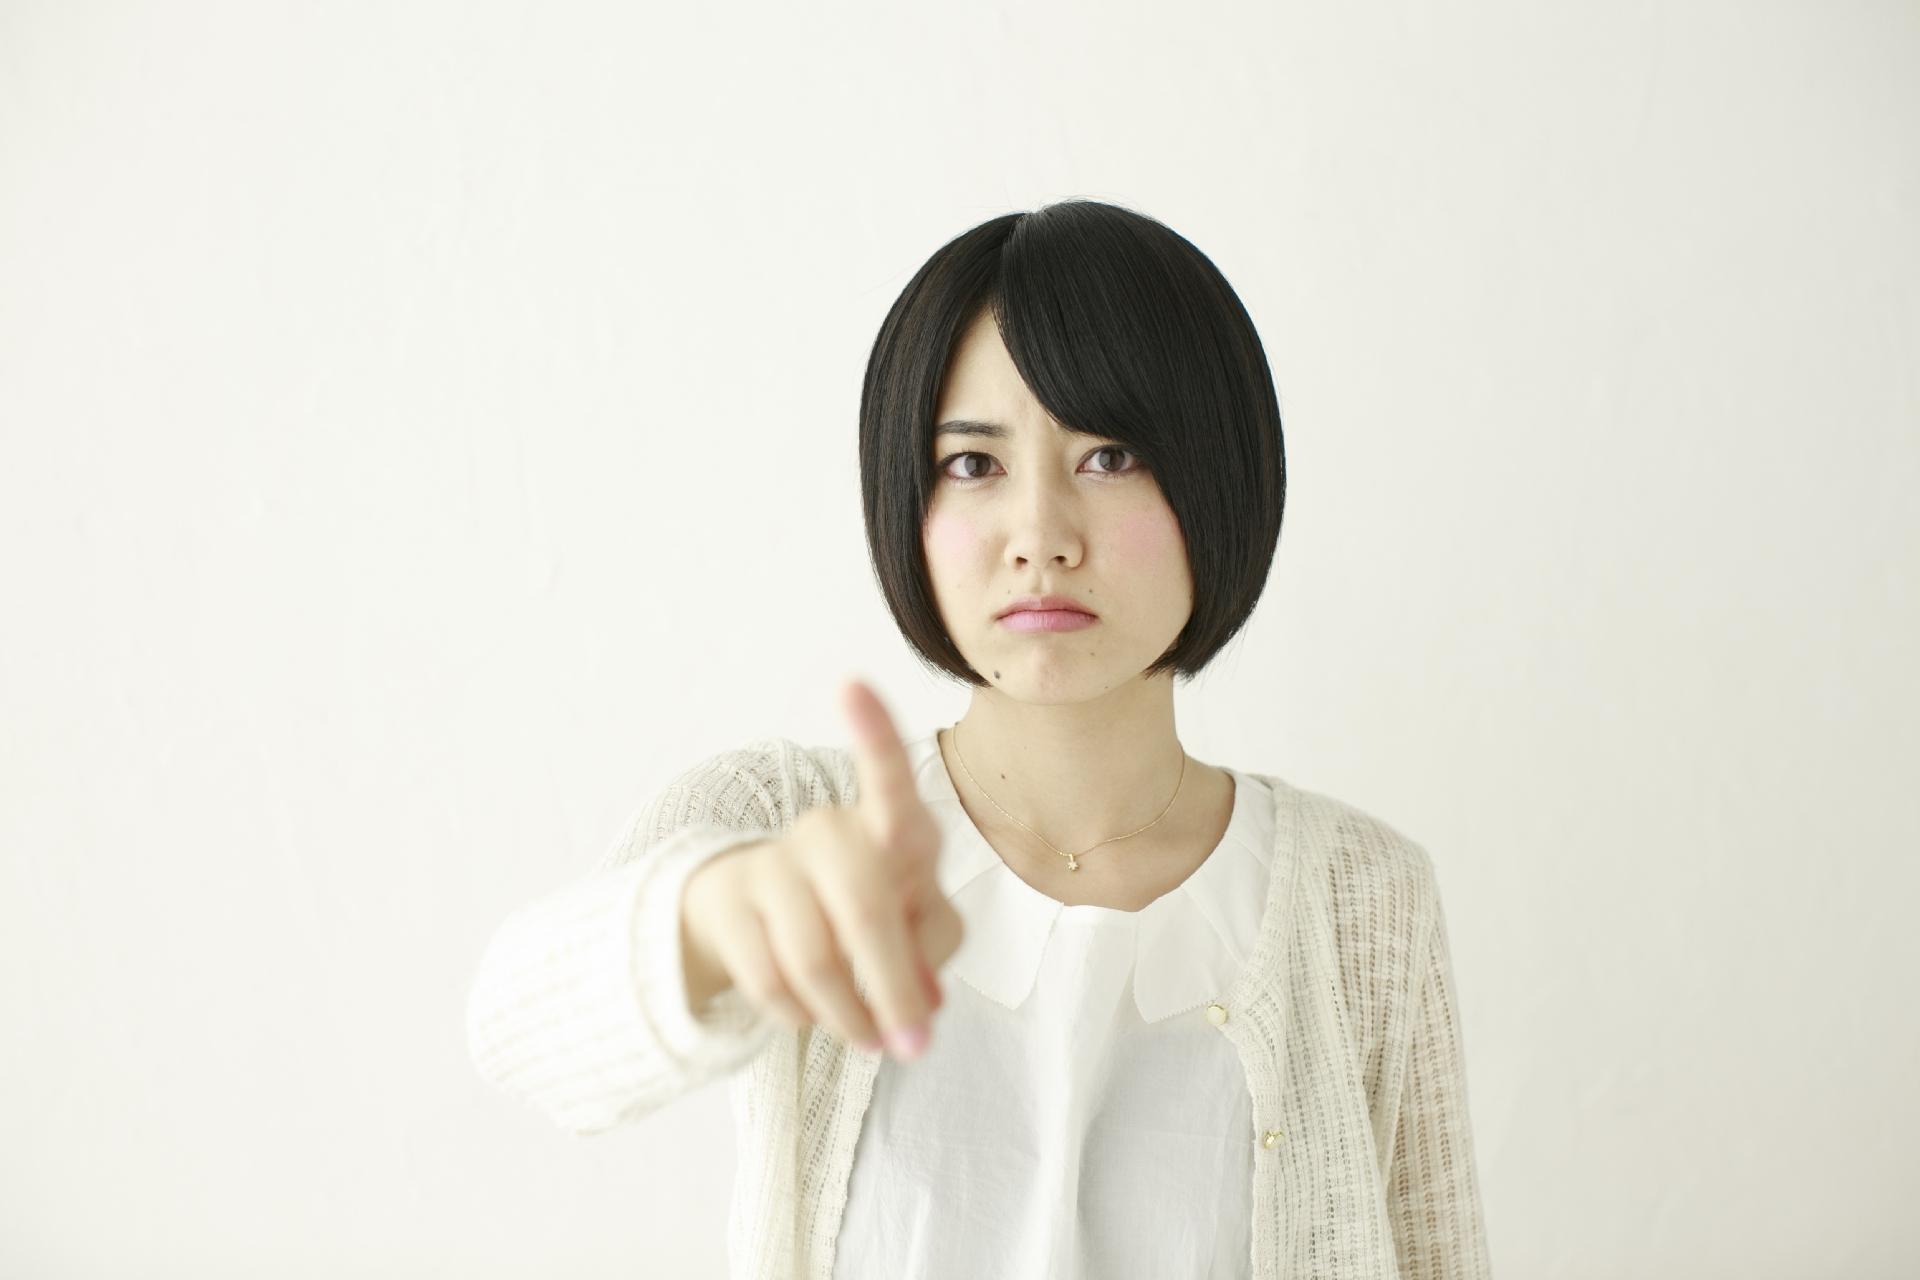 嫉妬深い女性の心理や特徴とは?ヤキモチを辞める方法